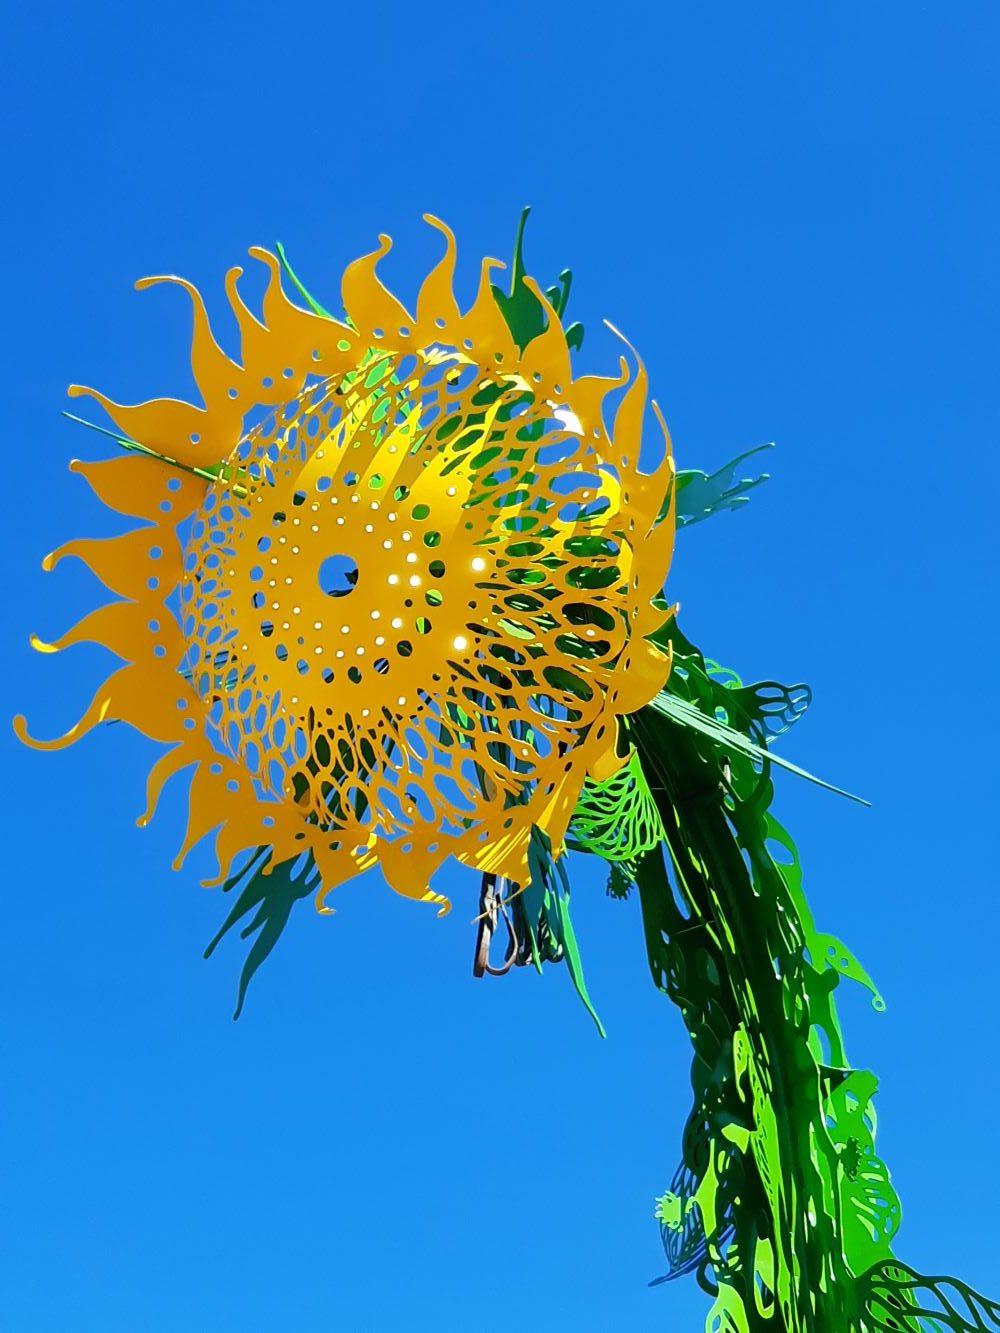 Auringonkukkaa muistuttava 8 metriä korkea teräsveistos. Taiteilija Pekka Jylhän teos.